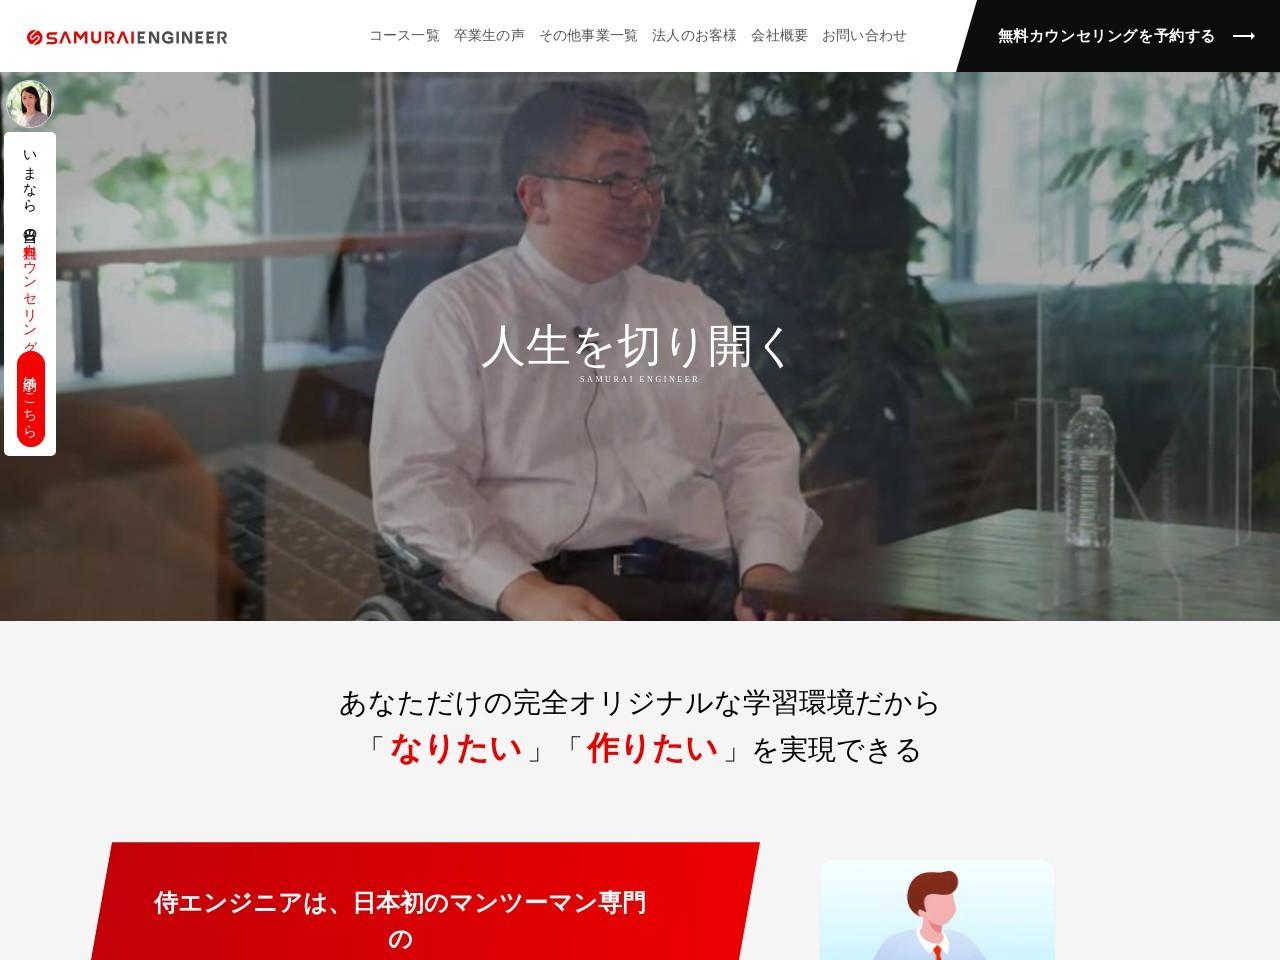 PHPとは? 初心者向け学習方法やPHPエンジニアになる方法を解説 | 侍エンジニア塾ブログ(Samurai Blog) - プログラミング入門者向けサイト